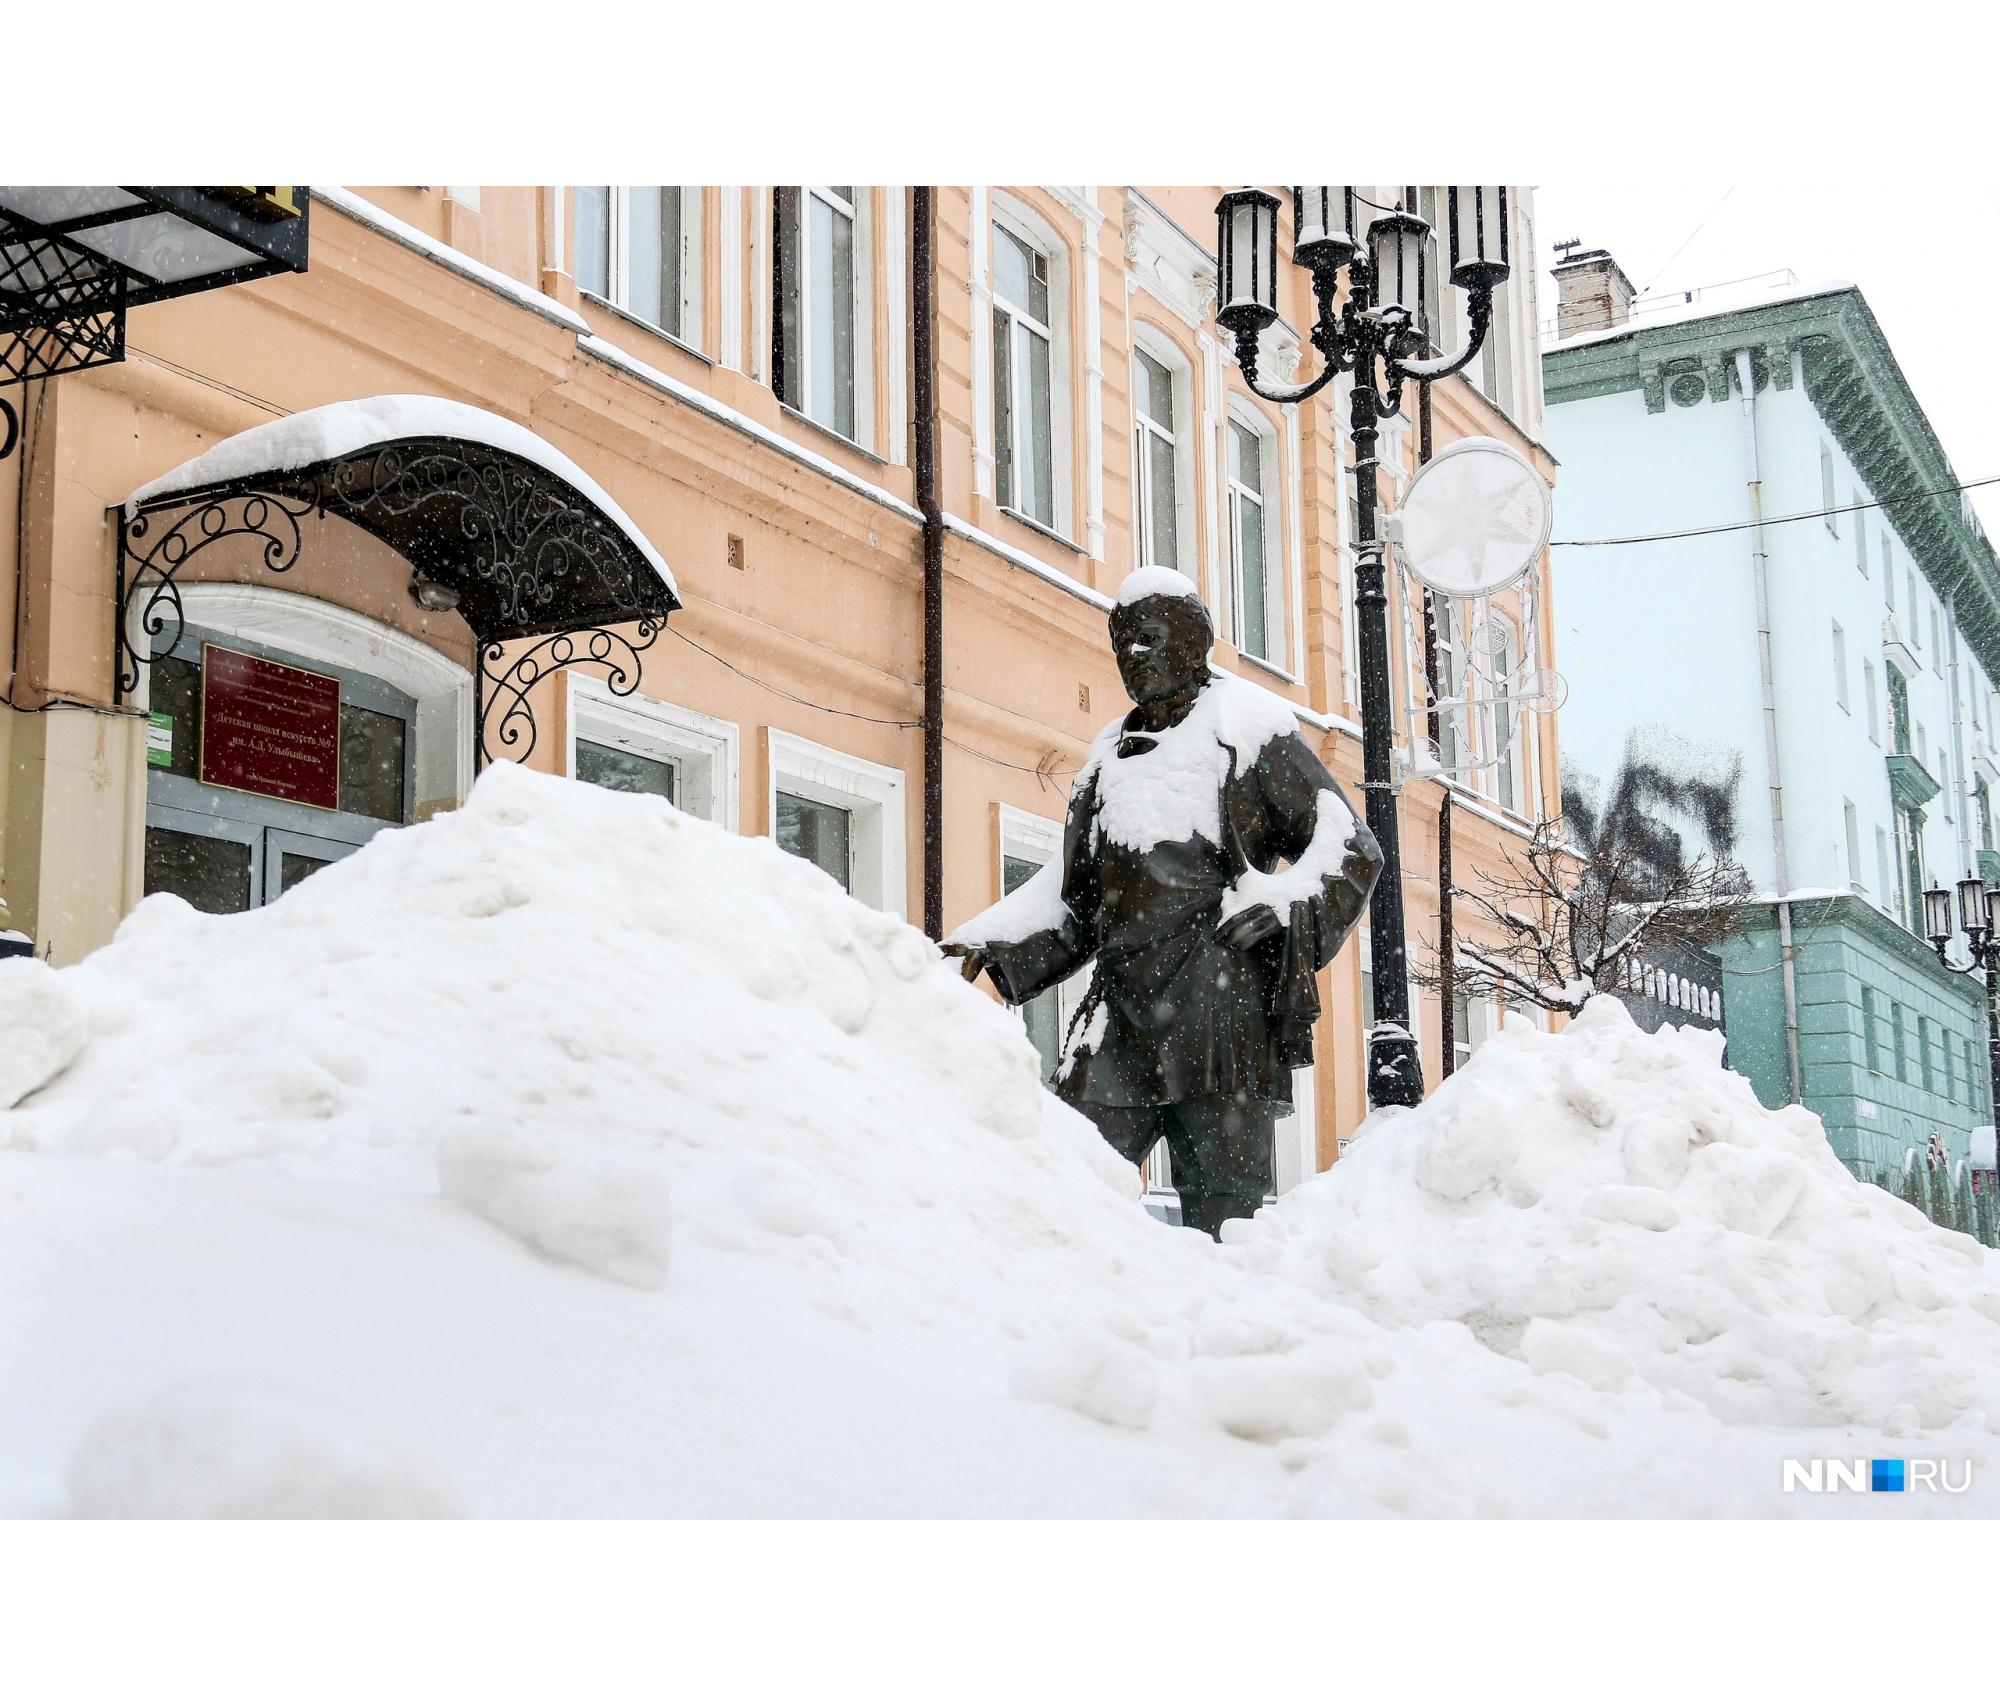 Памятники укрылись снегом, словно шубами